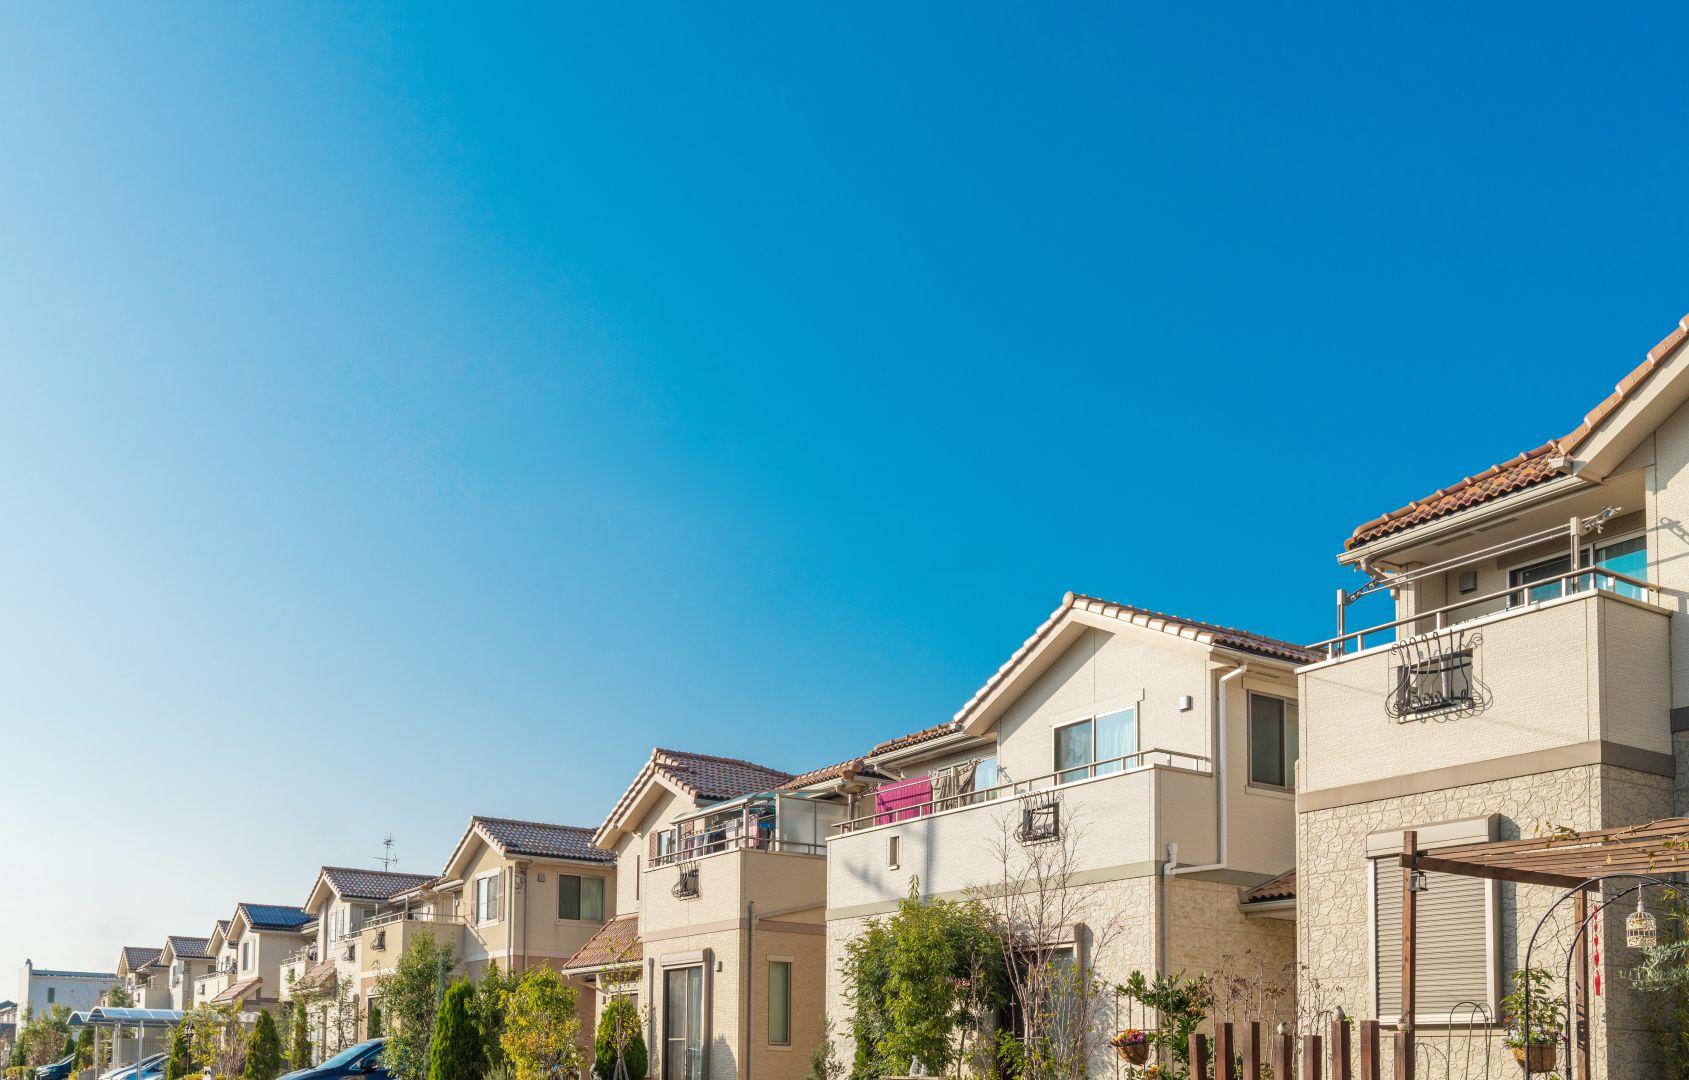 7 acteurs majeurs de l'habitat appellent à l'entrée en vigueur rapide de l'indispensable carnet numérique du logement